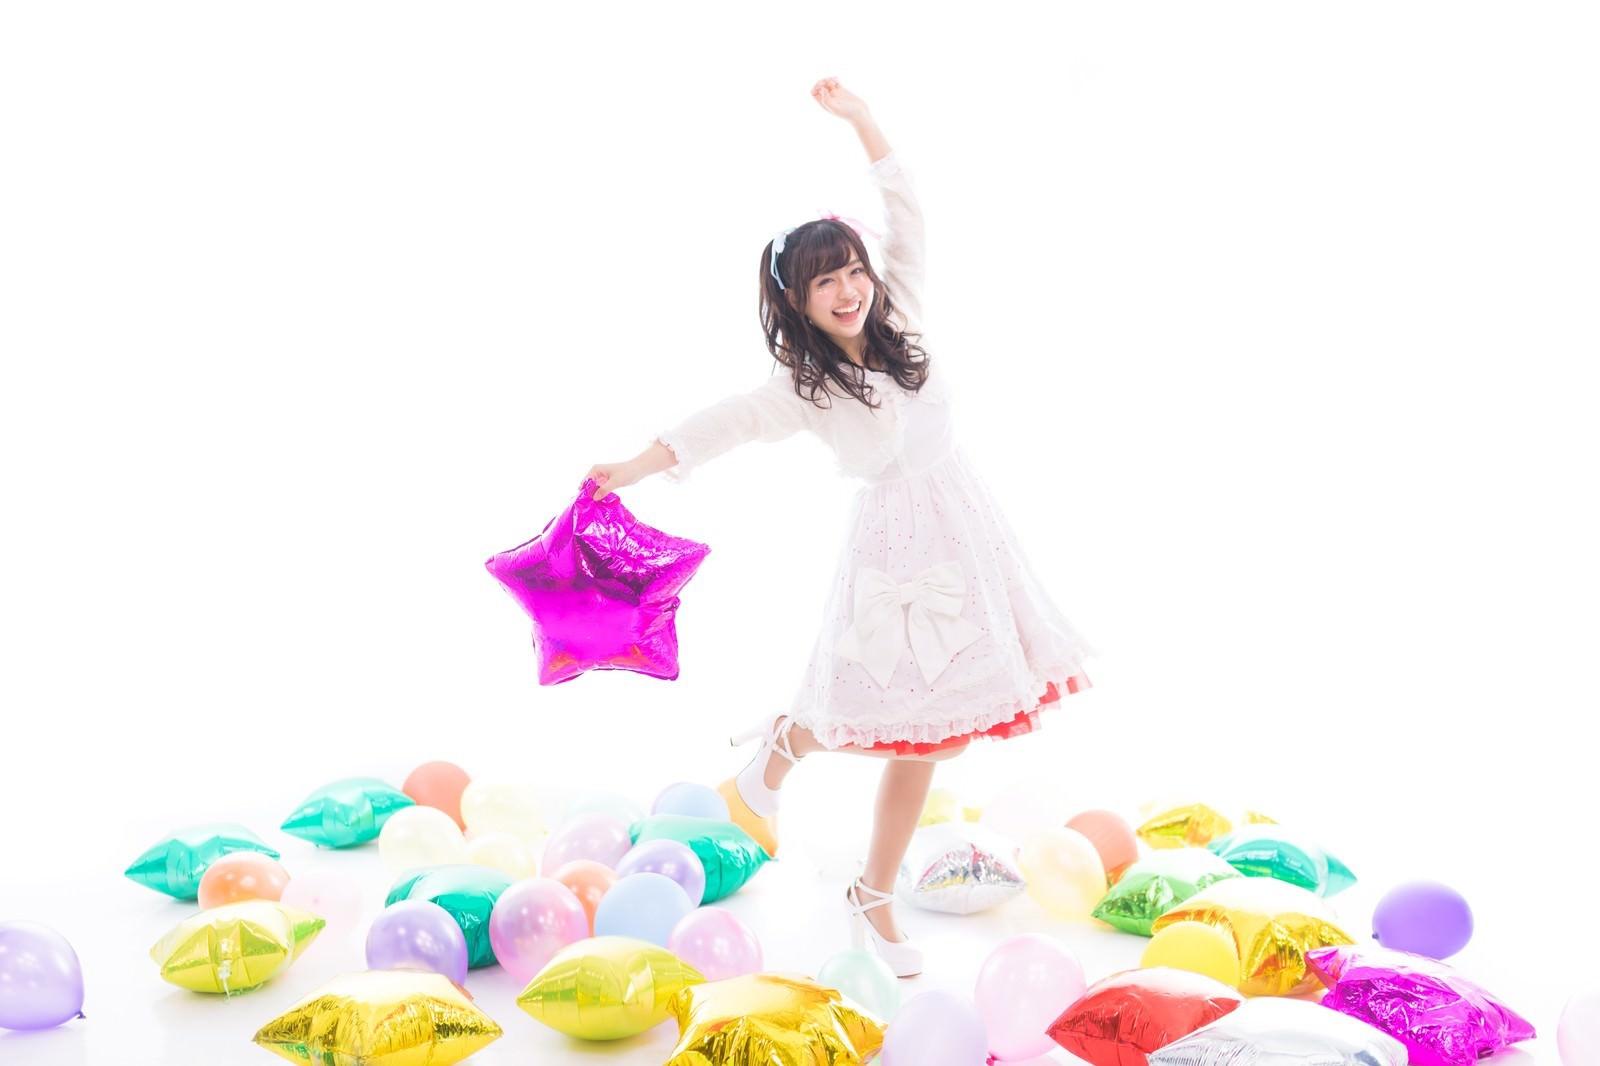 Yuka-Kawamura-Free-Stock-Photo-Idol-09.jpg